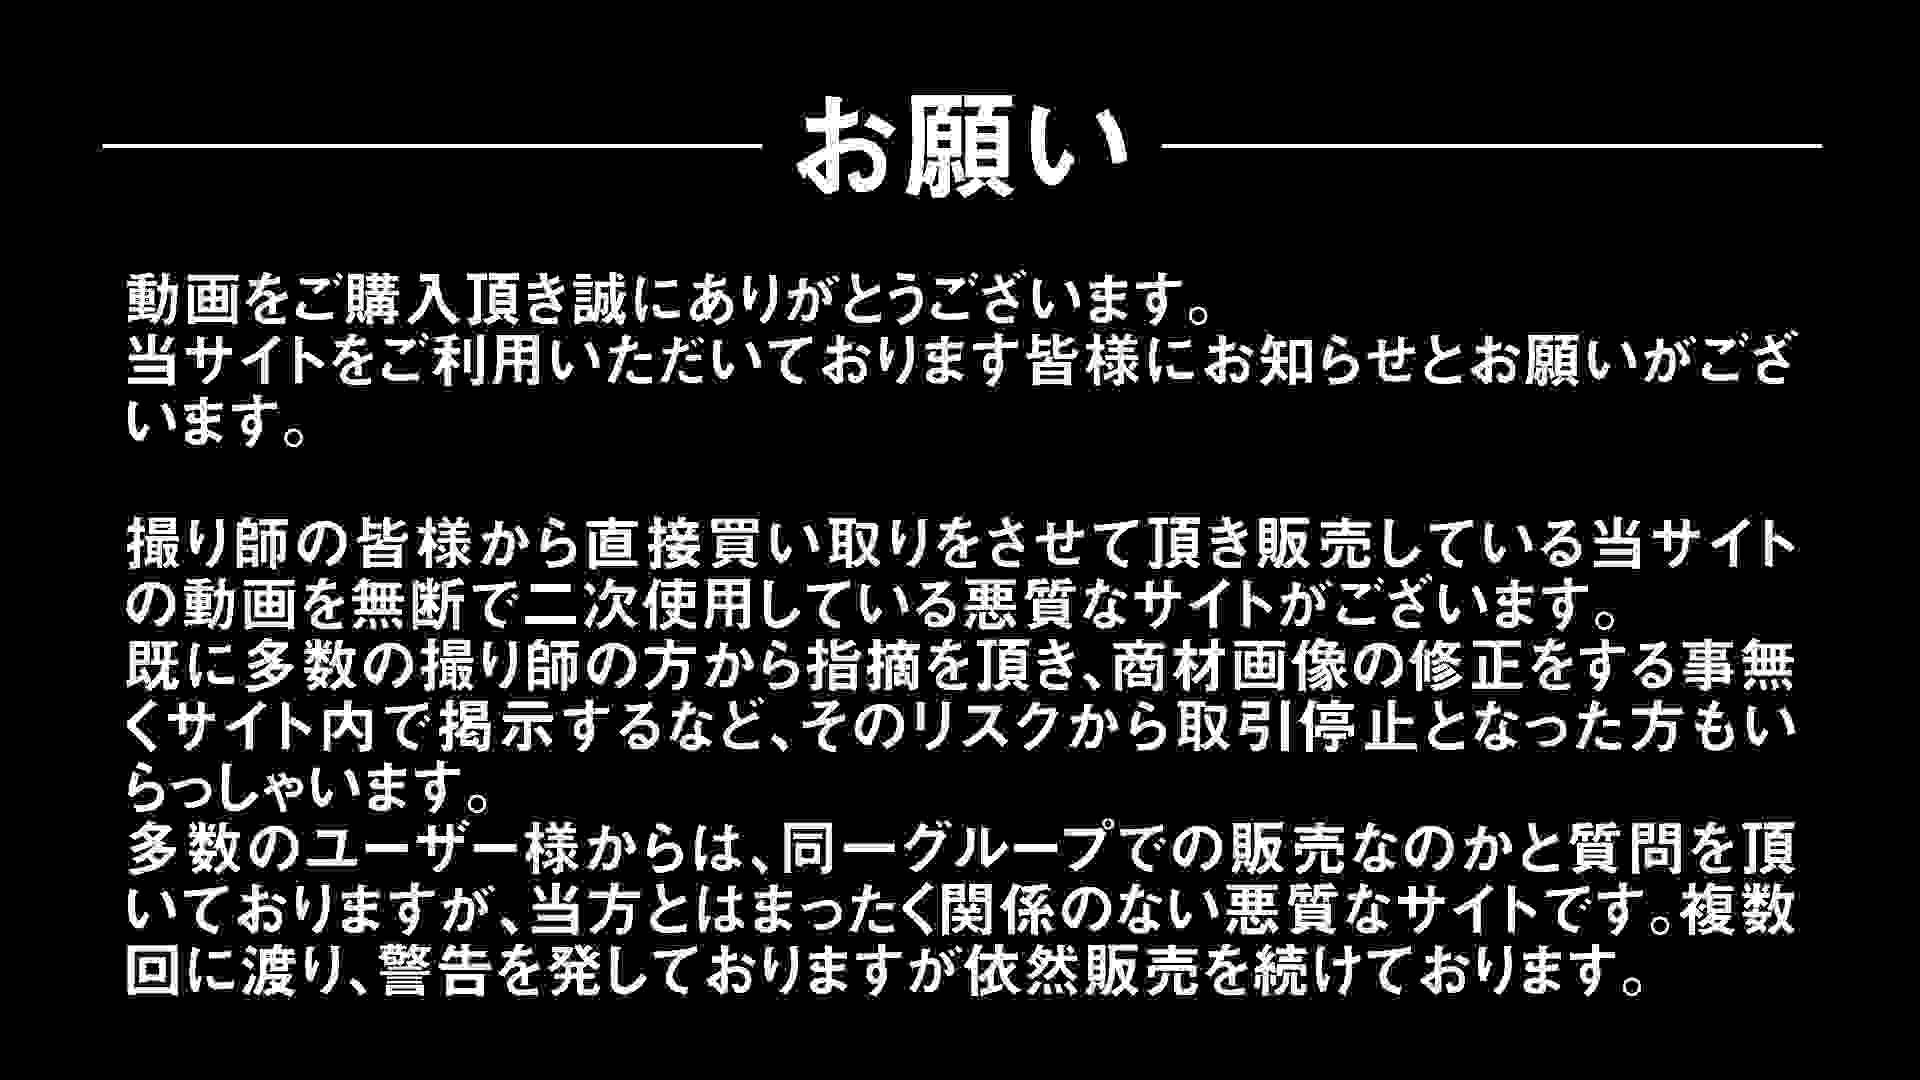 Aquaな露天風呂Vol.299 盗撮シリーズ  82PIX 4